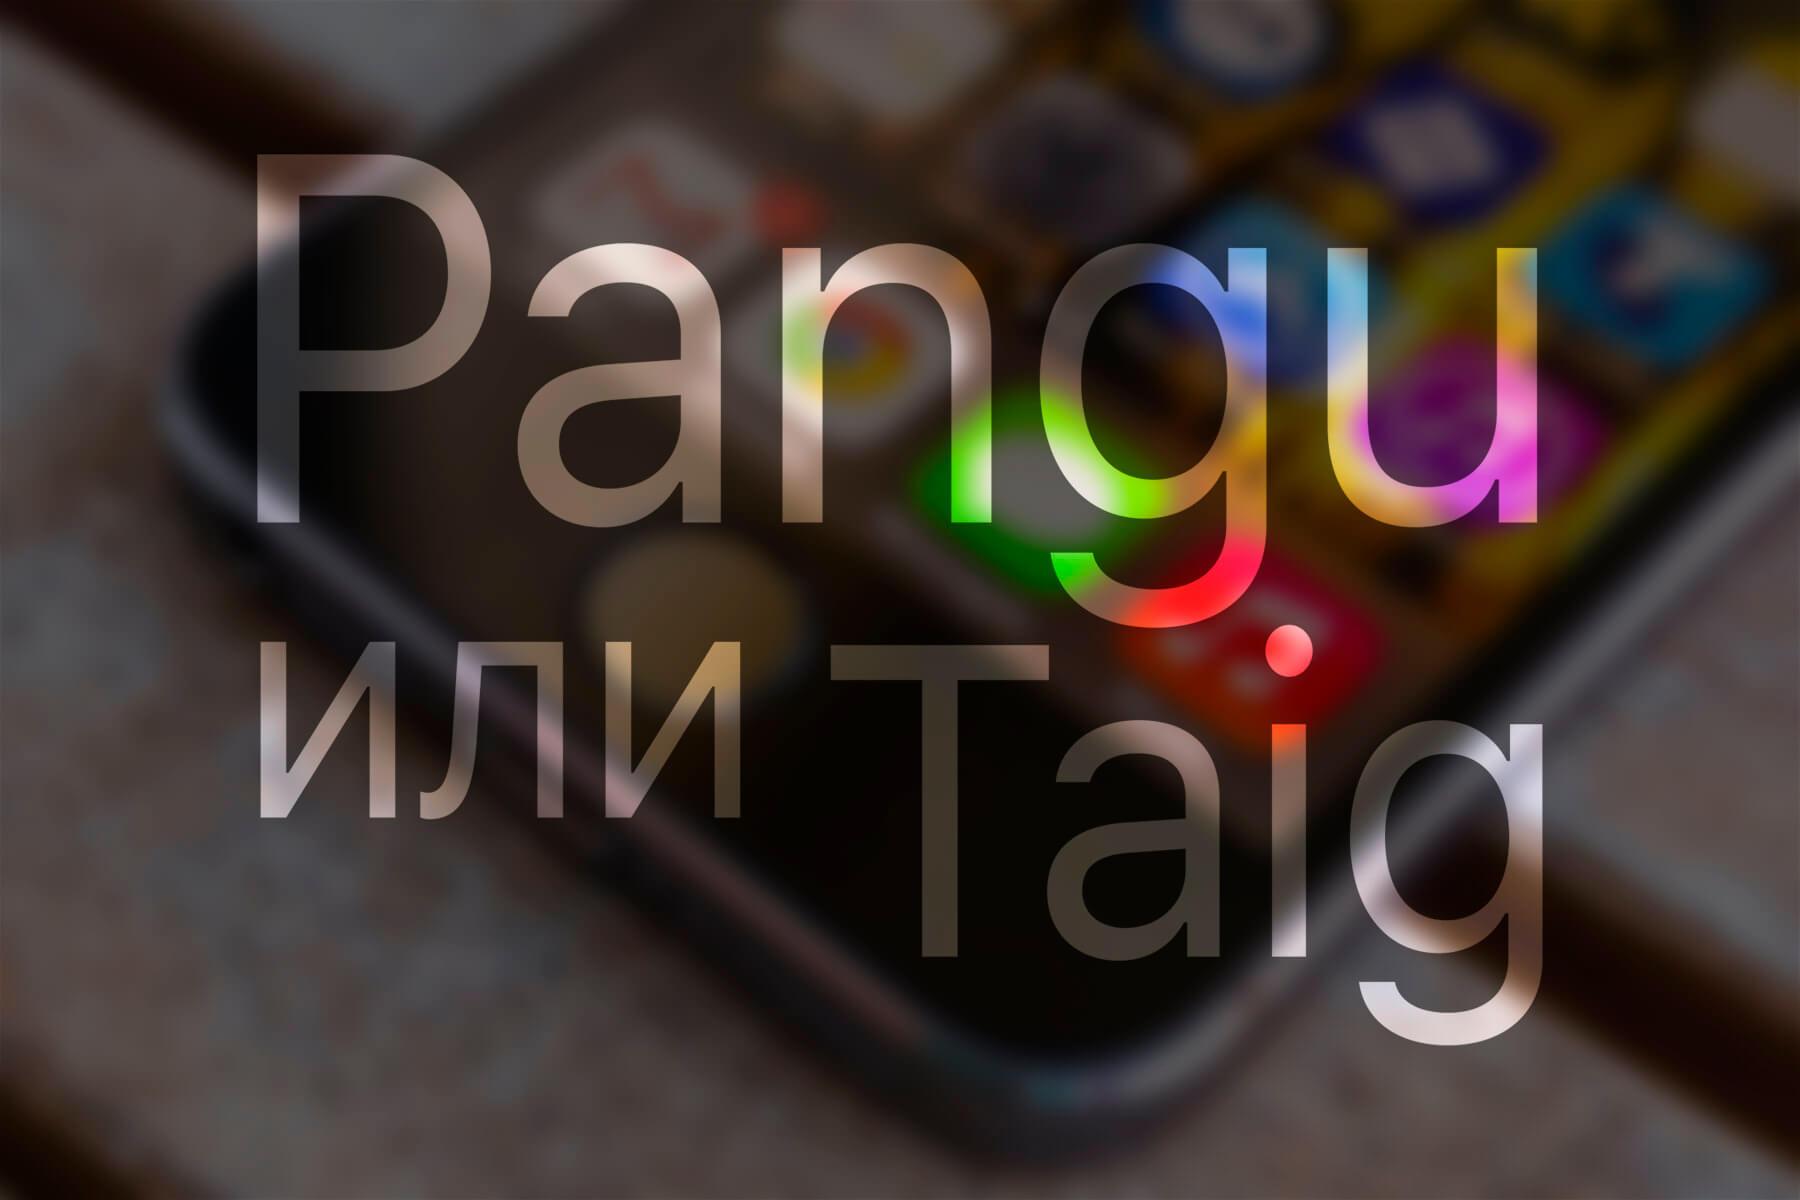 Хакеры Pangu намерены выпустить джейлбрейк iOS 9.2 первыми